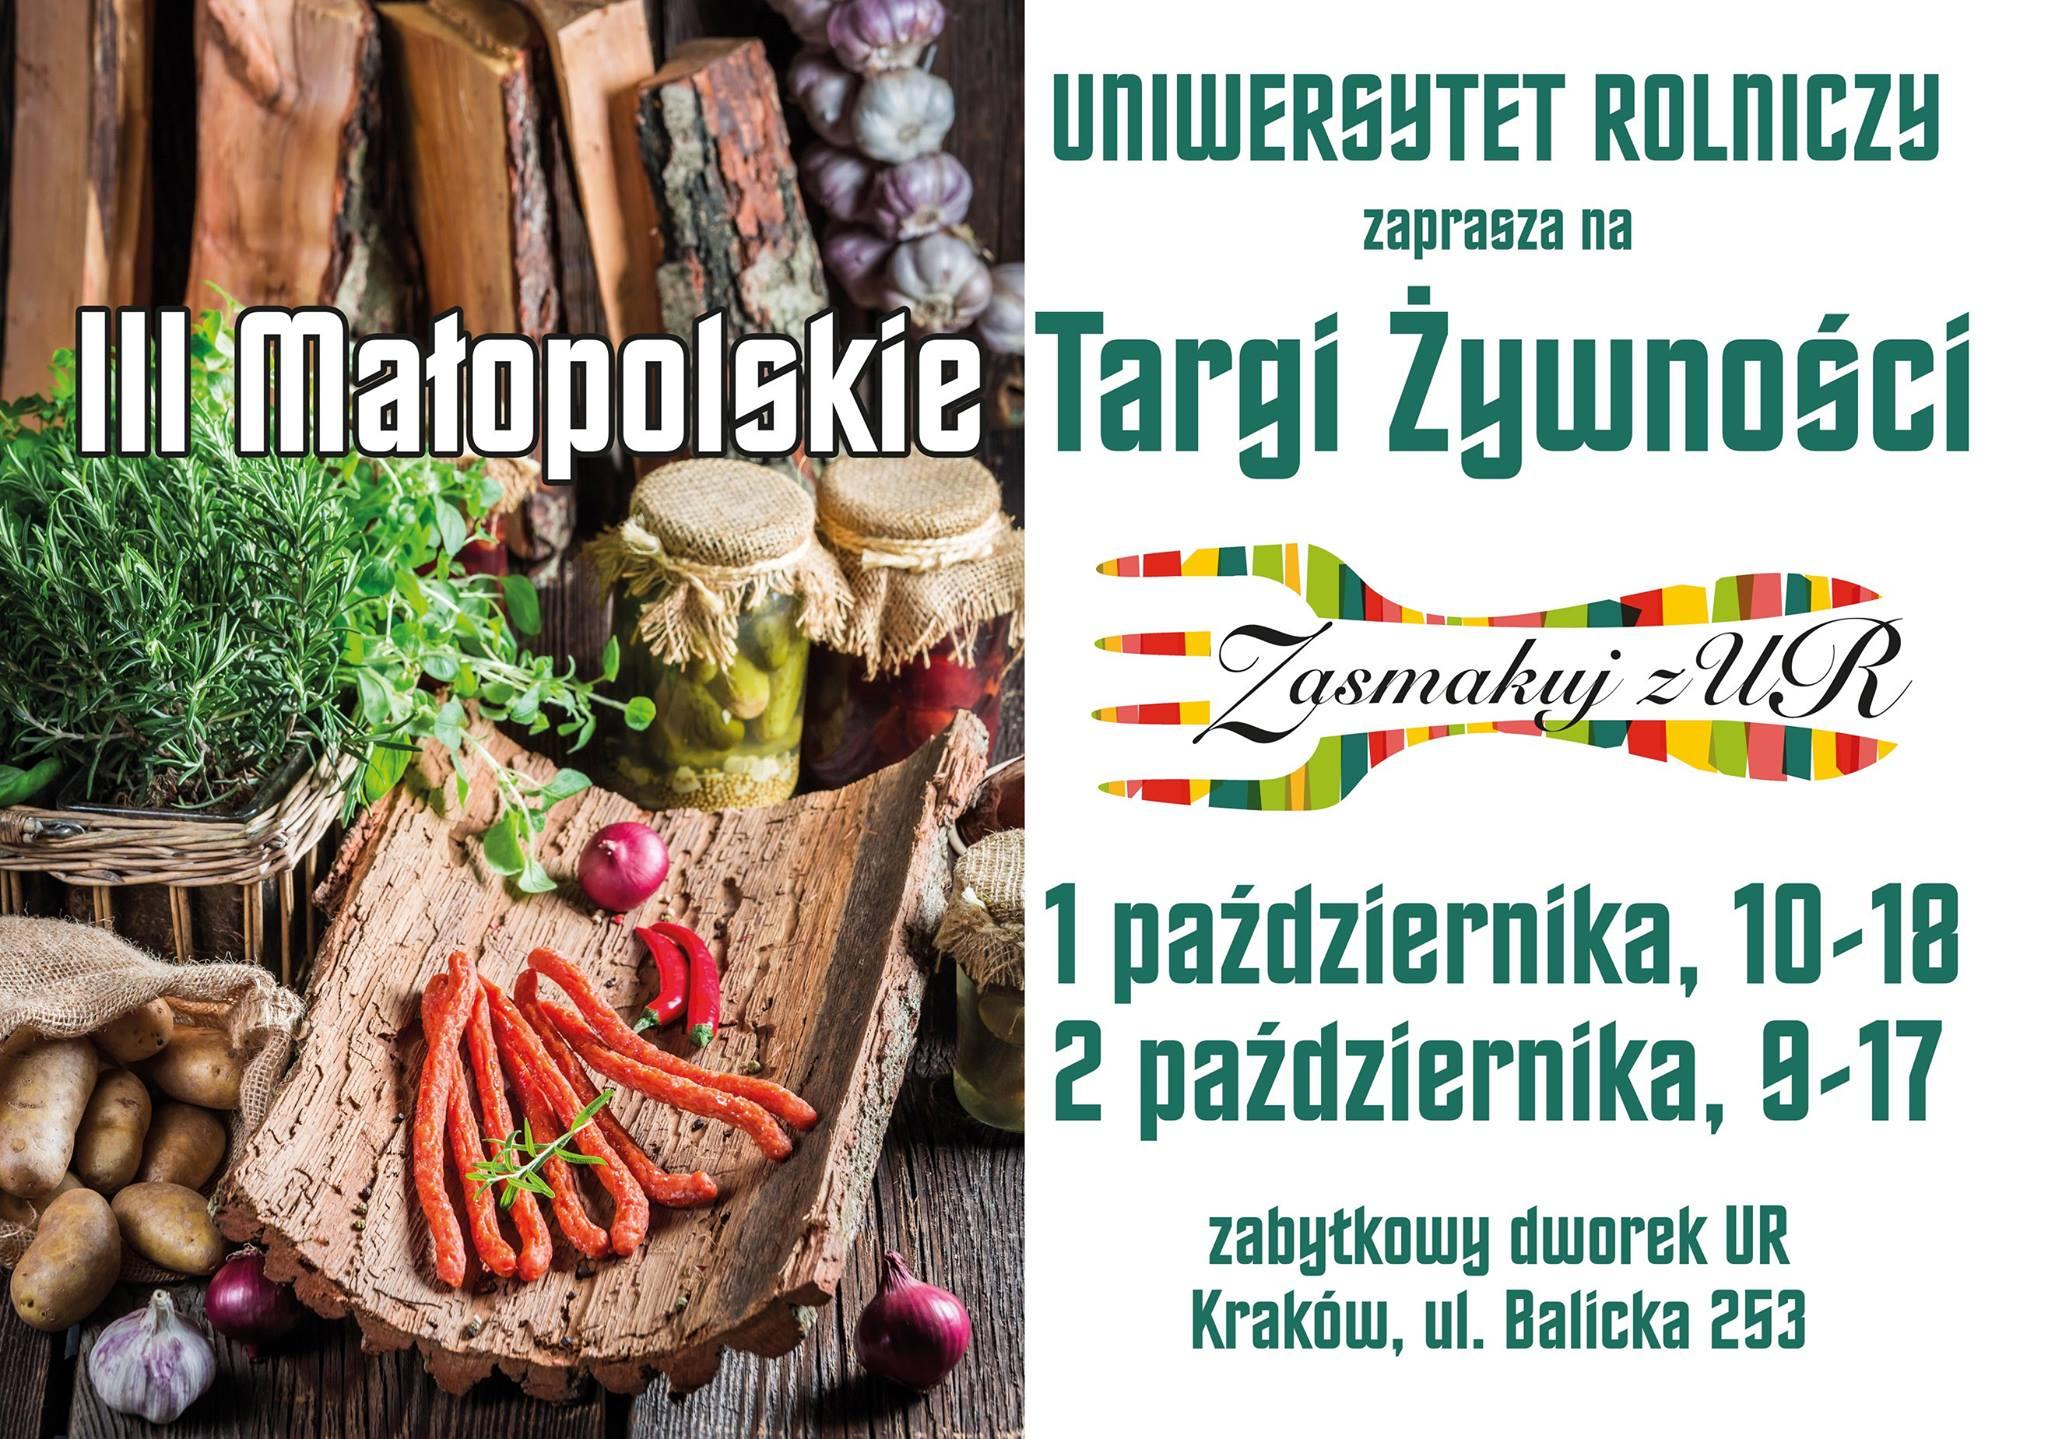 Zasmakuj z UR - Małopolskie Targi Żywności